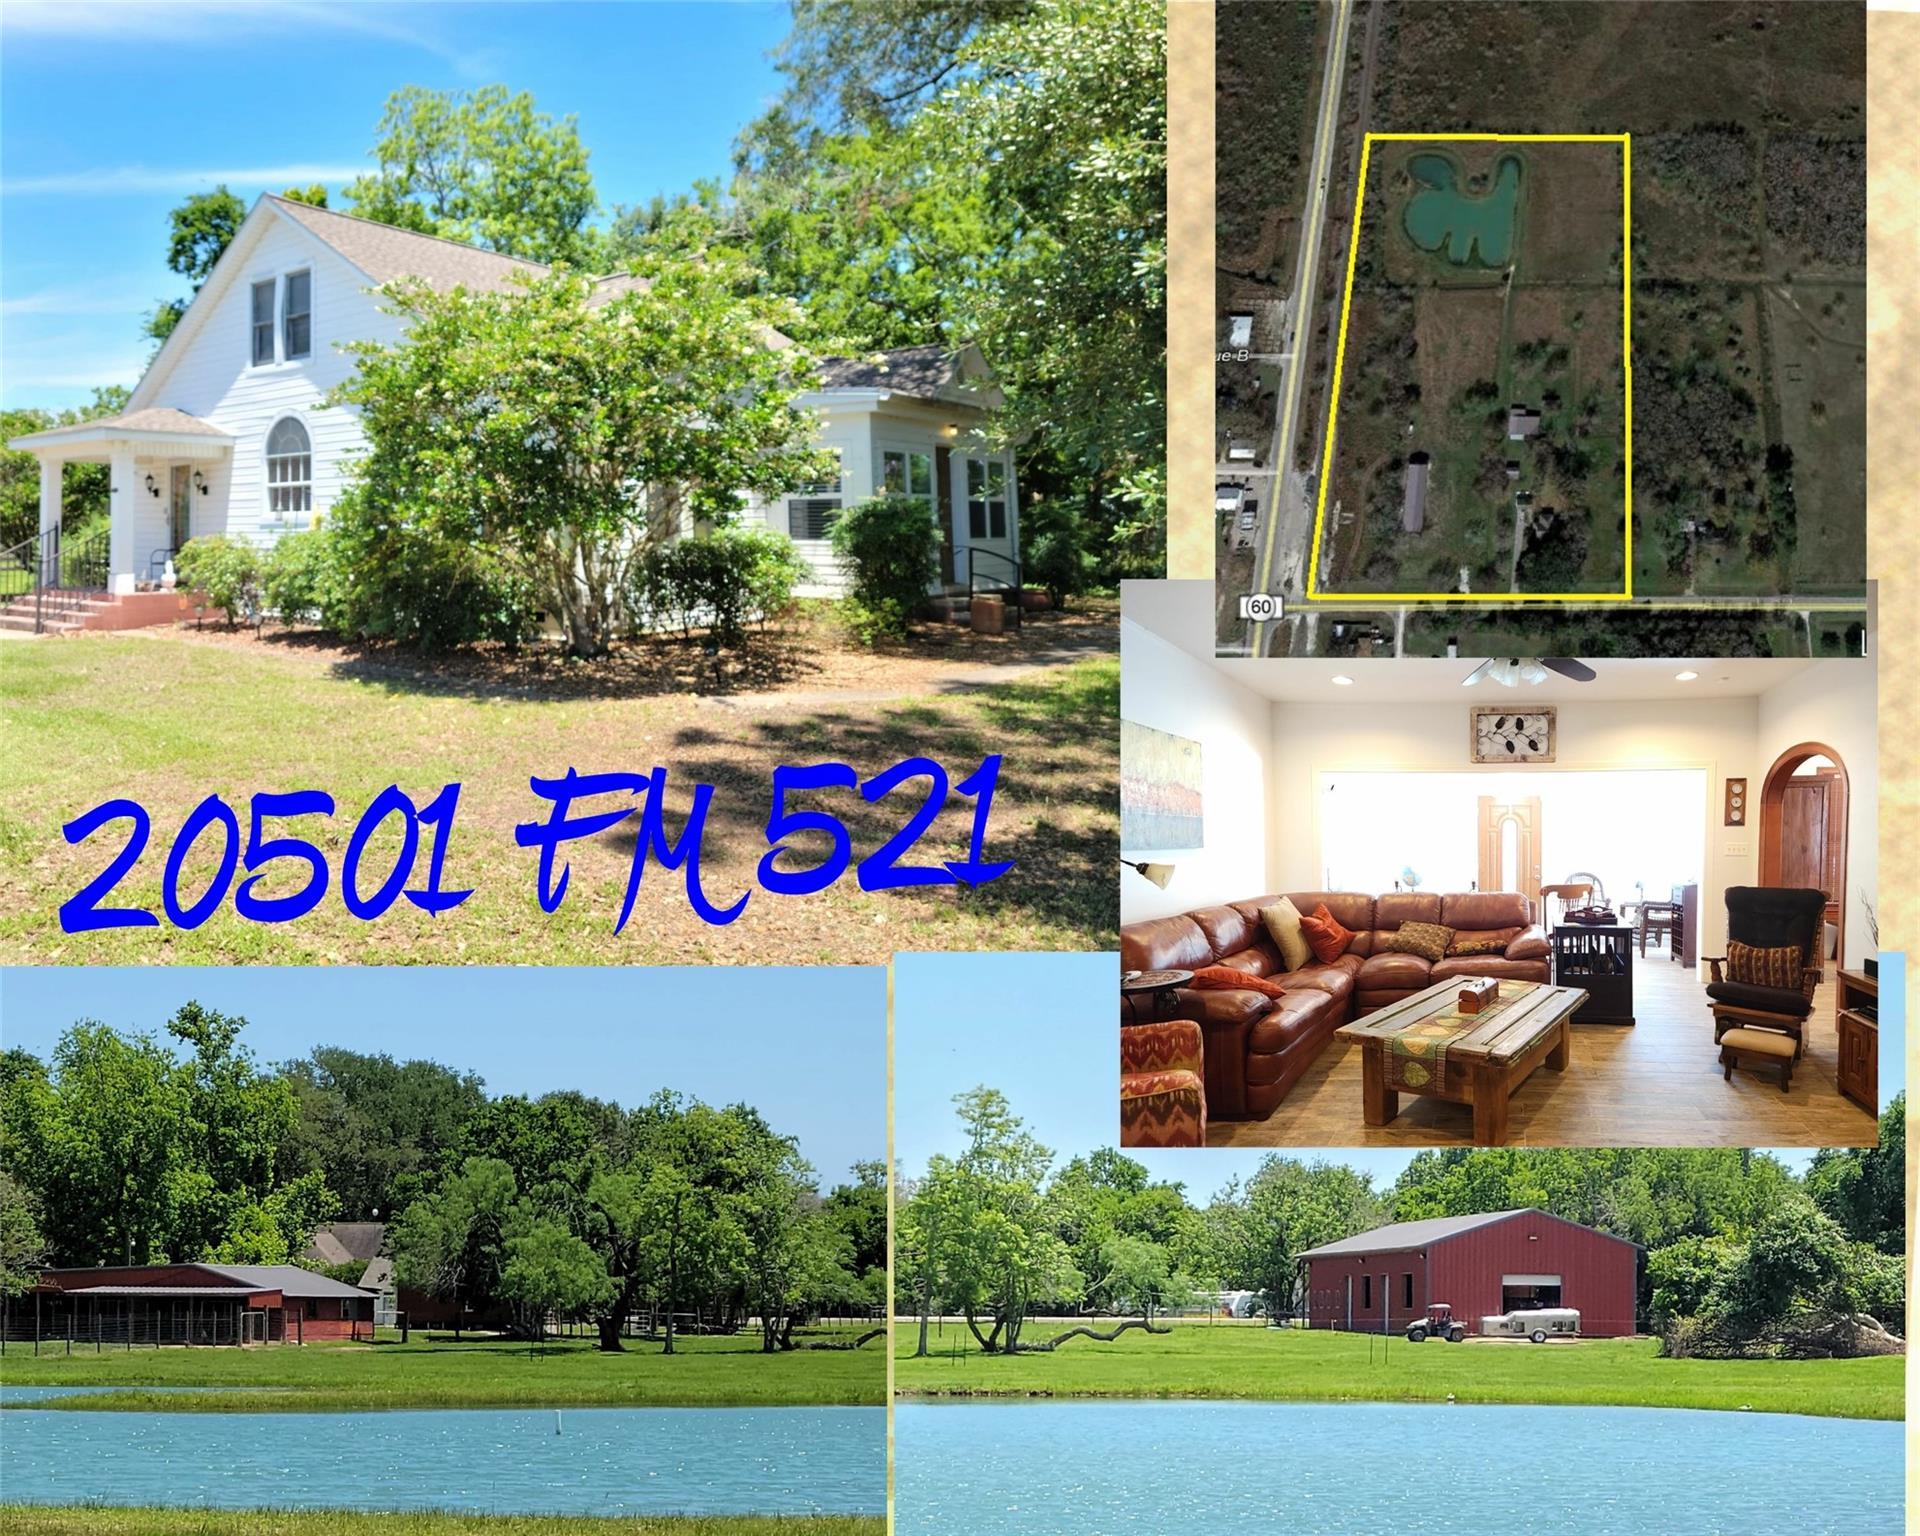 20501 Farm M 521 Property Photo